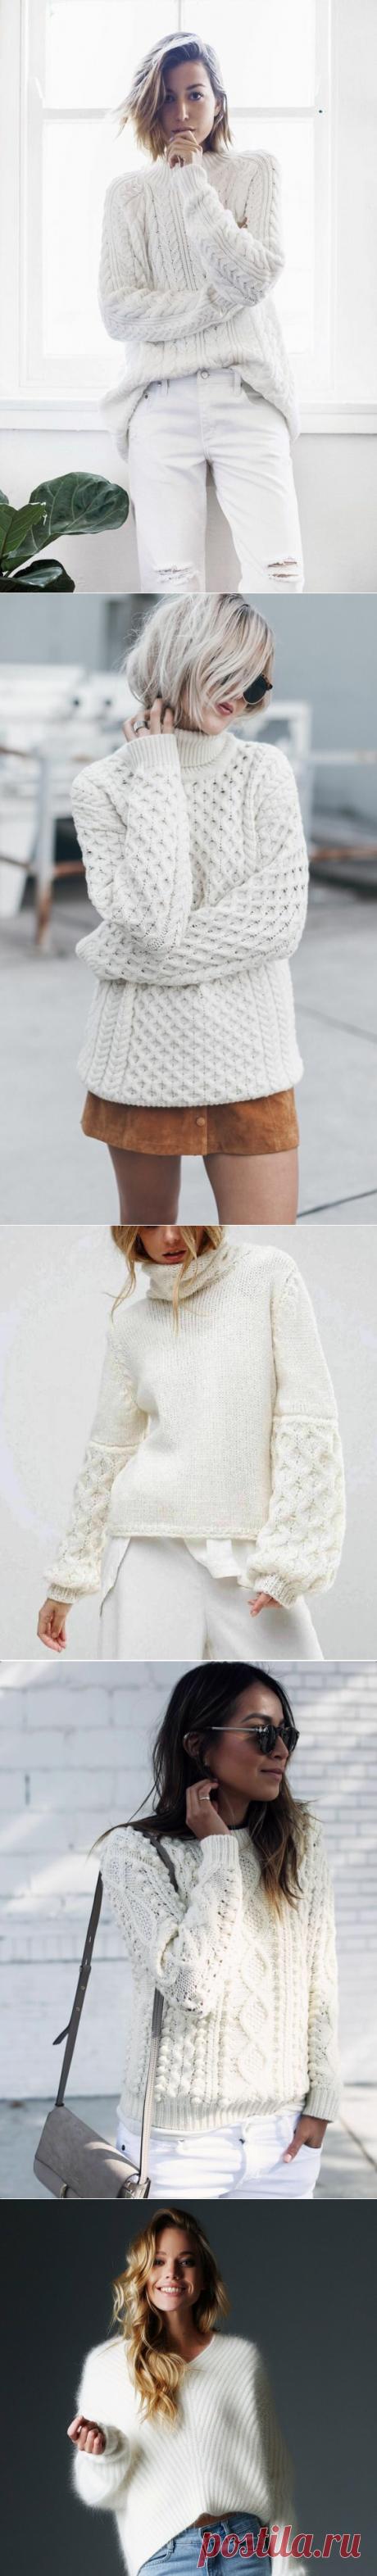 20 идей белых свитеров, которые стоит связать к зиме. | Вязалкина | Яндекс Дзен